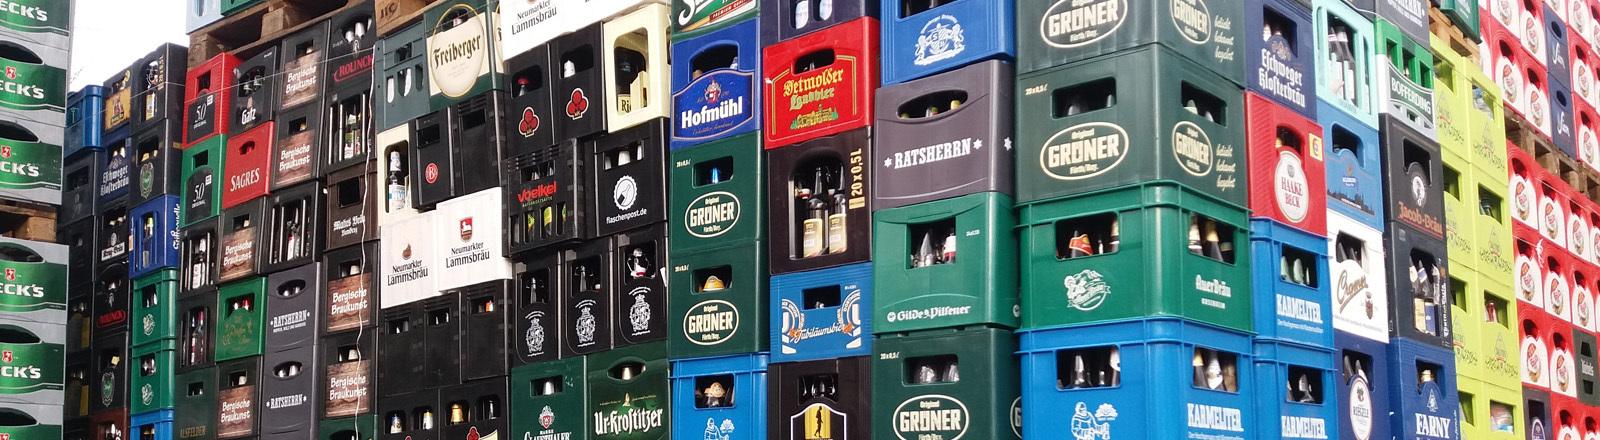 Leere Bierkästen unterschiedlicher Brauereien stehen auf Paletten gestapelt